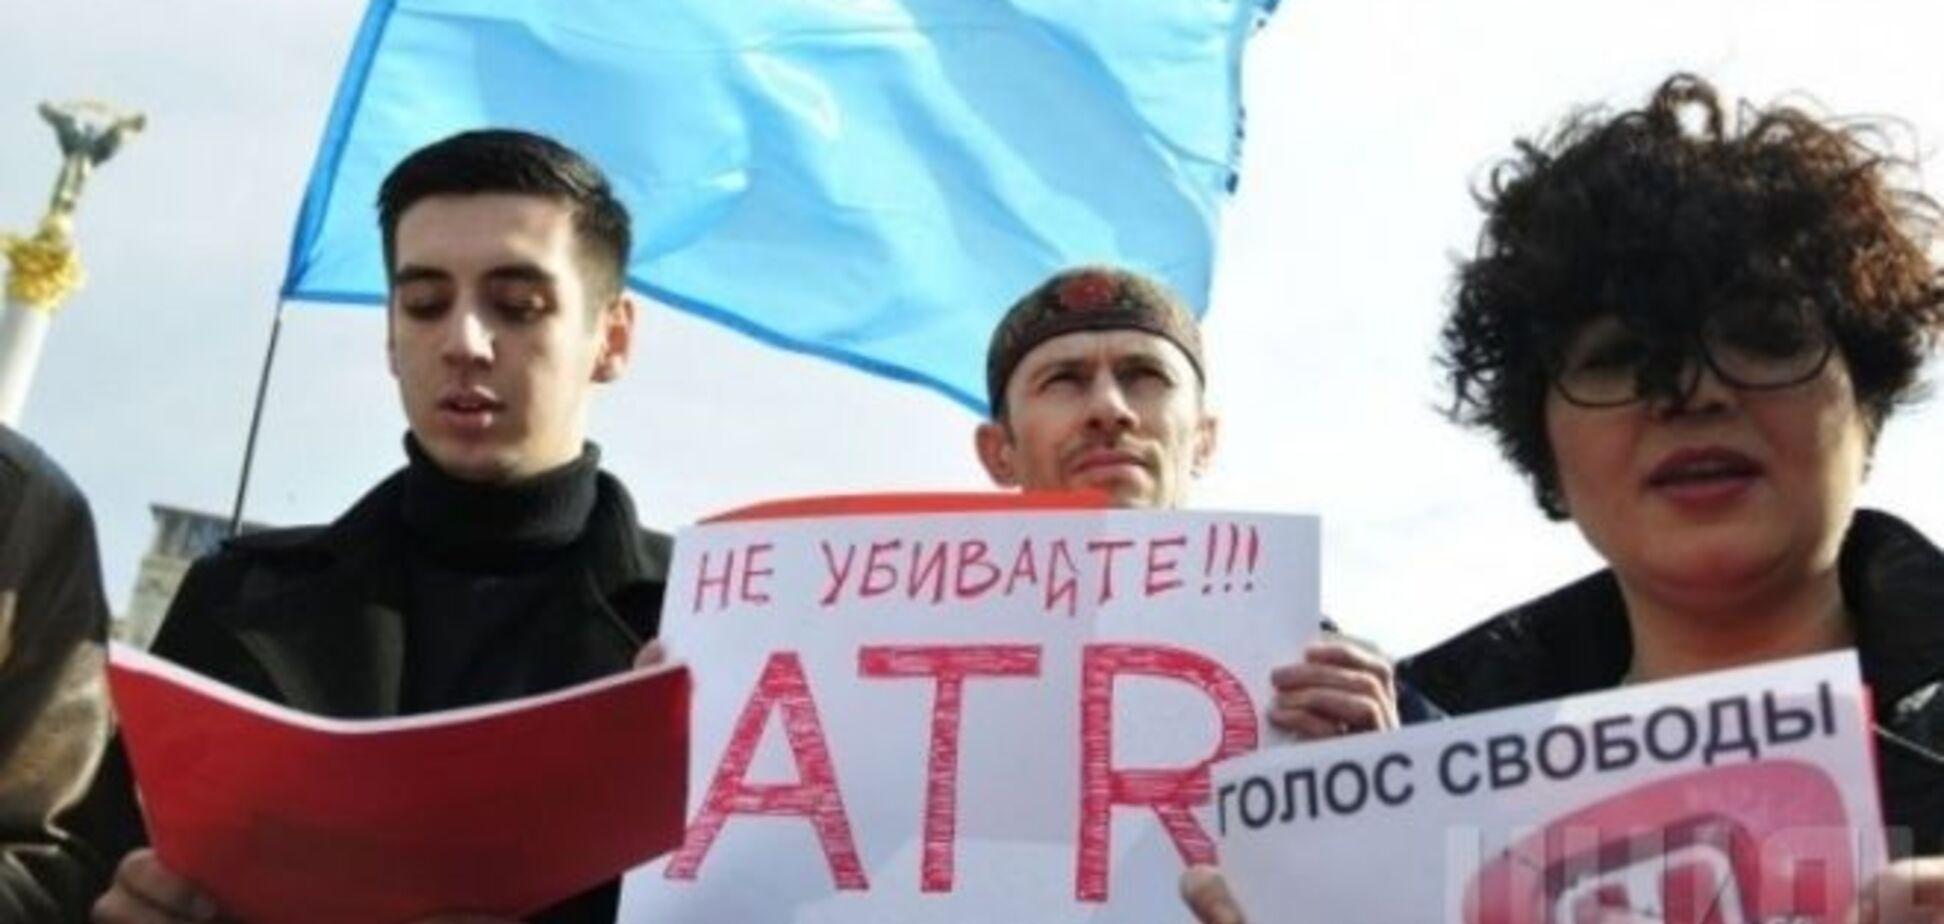 Крымскотатарский телеканал ATR возобновил свое вещание из Киева